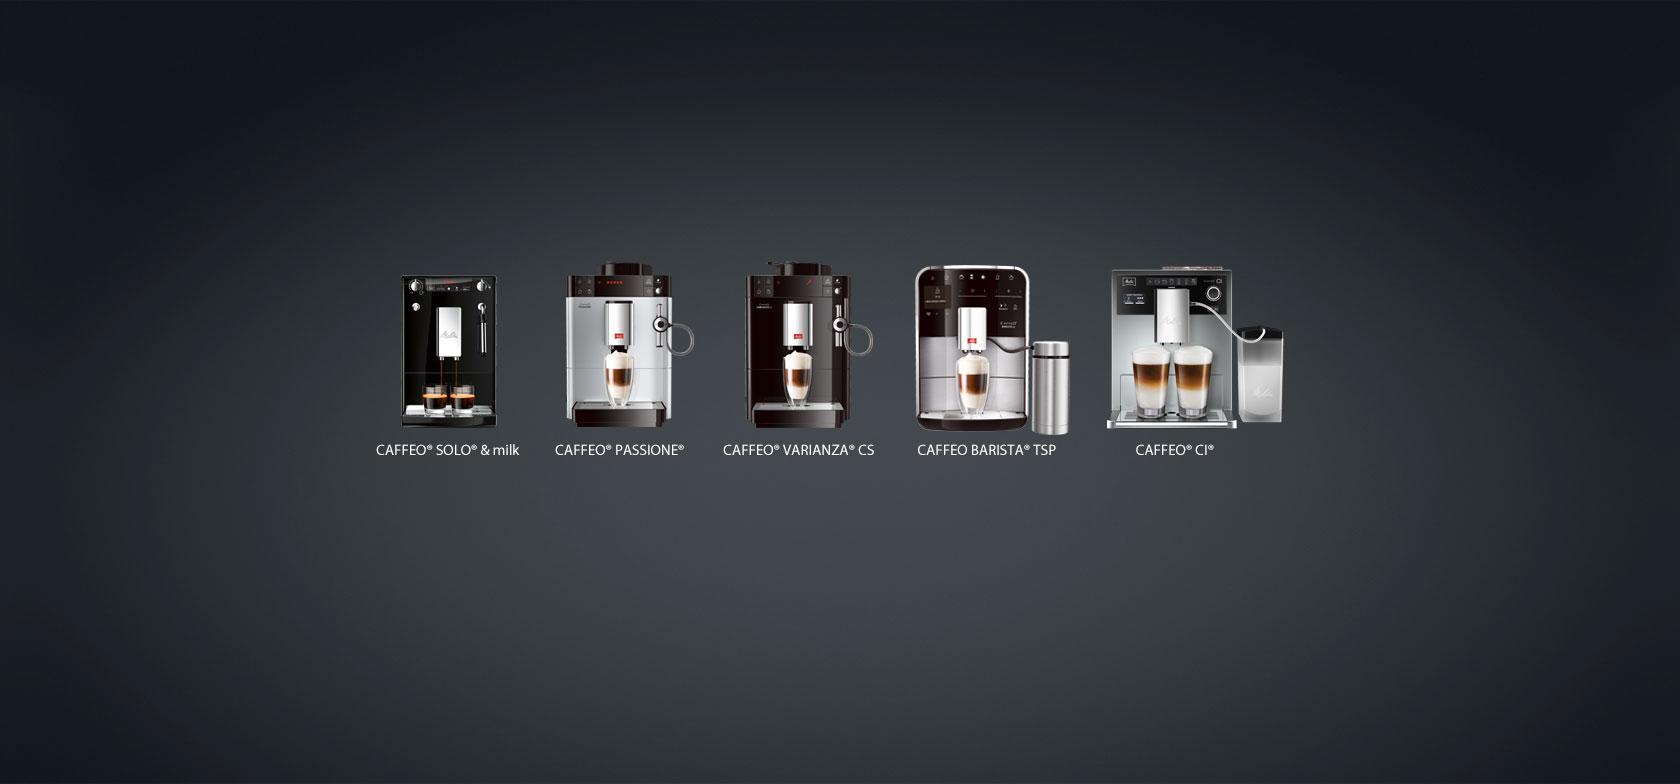 W pełni automatyczne ekspresy do kawy